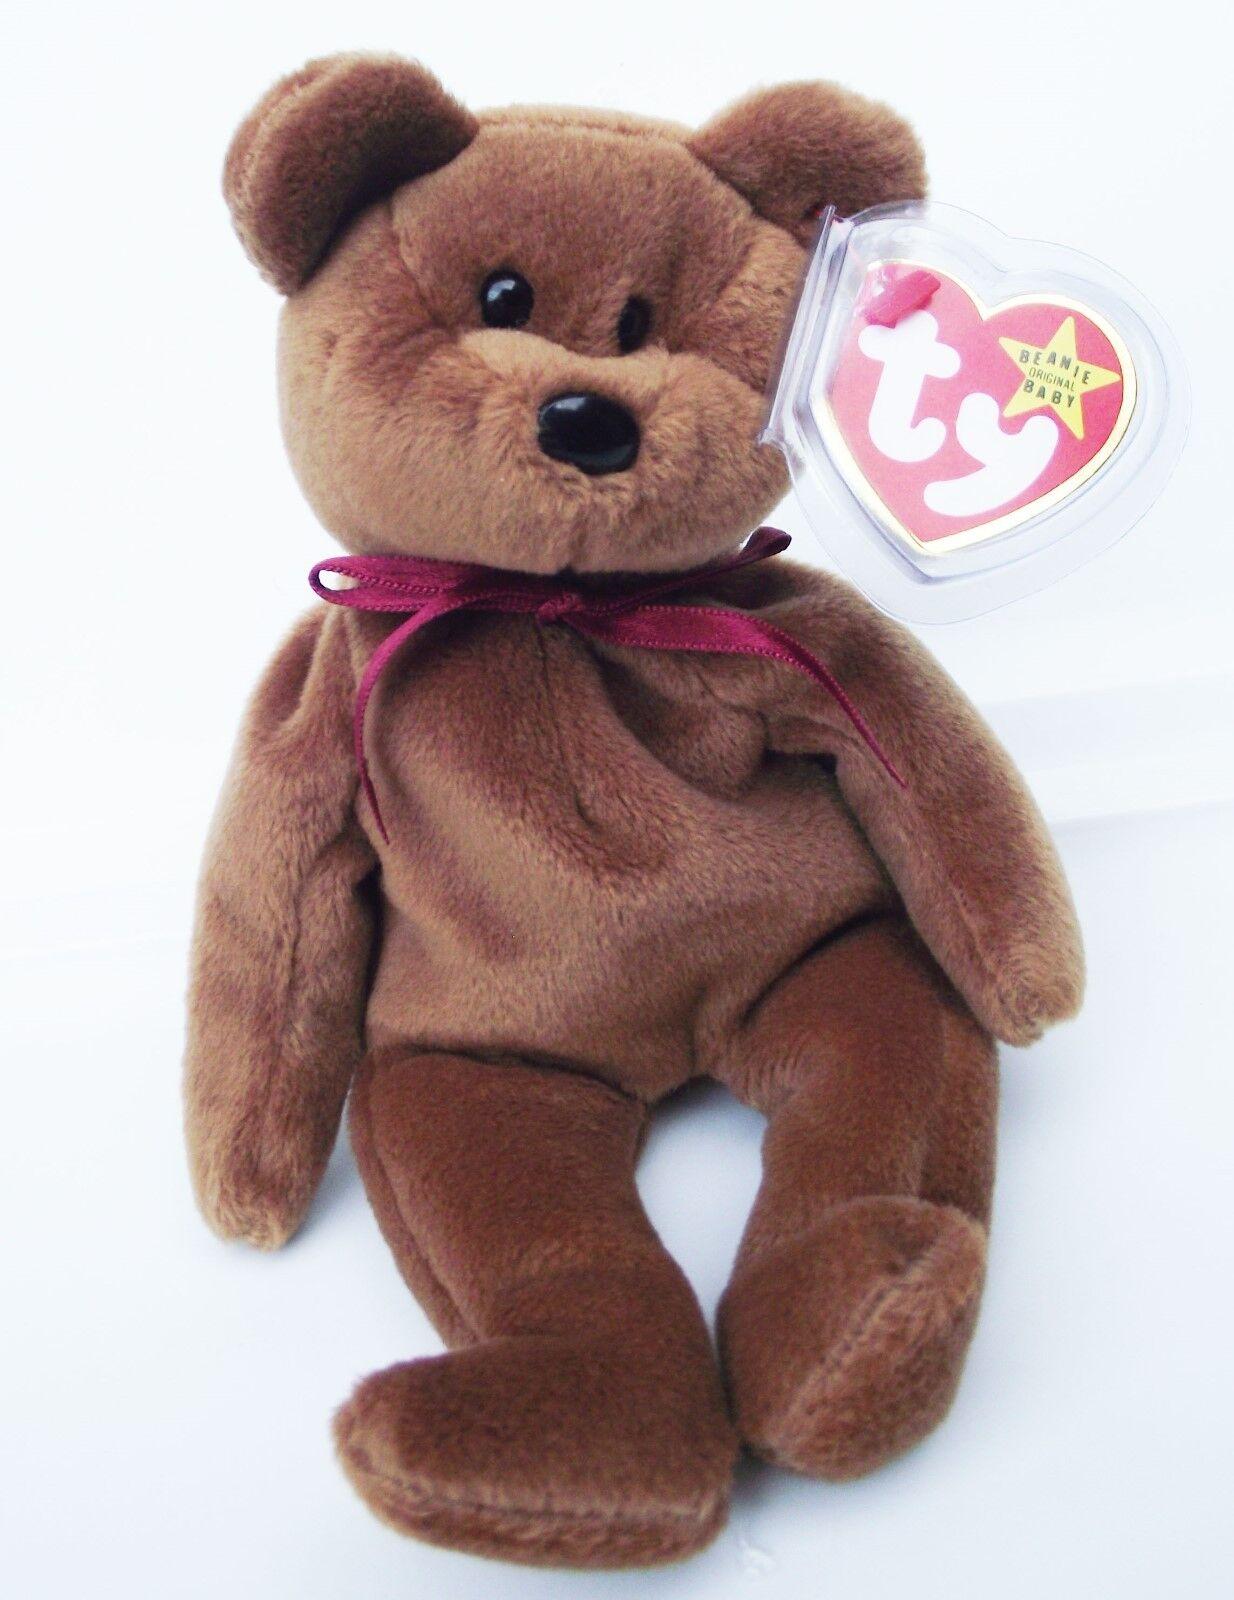 Ty beanie baby teddy   4050 pvc - 4. gen hängen und hintern tag 1993 im neuen